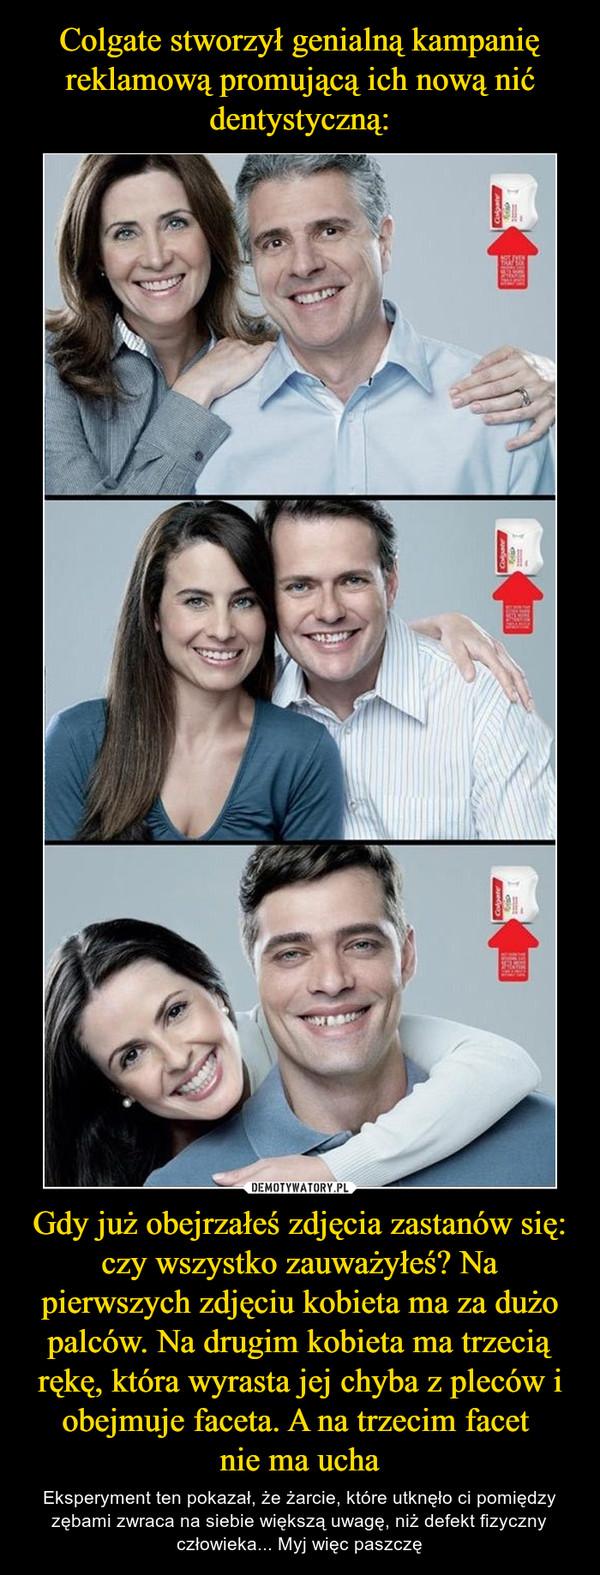 Gdy już obejrzałeś zdjęcia zastanów się: czy wszystko zauważyłeś? Na pierwszych zdjęciu kobieta ma za dużo palców. Na drugim kobieta ma trzecią rękę, która wyrasta jej chyba z pleców i obejmuje faceta. A na trzecim facet nie ma ucha – Eksperyment ten pokazał, że żarcie, które utknęło ci pomiędzy zębami zwraca na siebie większą uwagę, niż defekt fizyczny człowieka... Myj więc paszczę